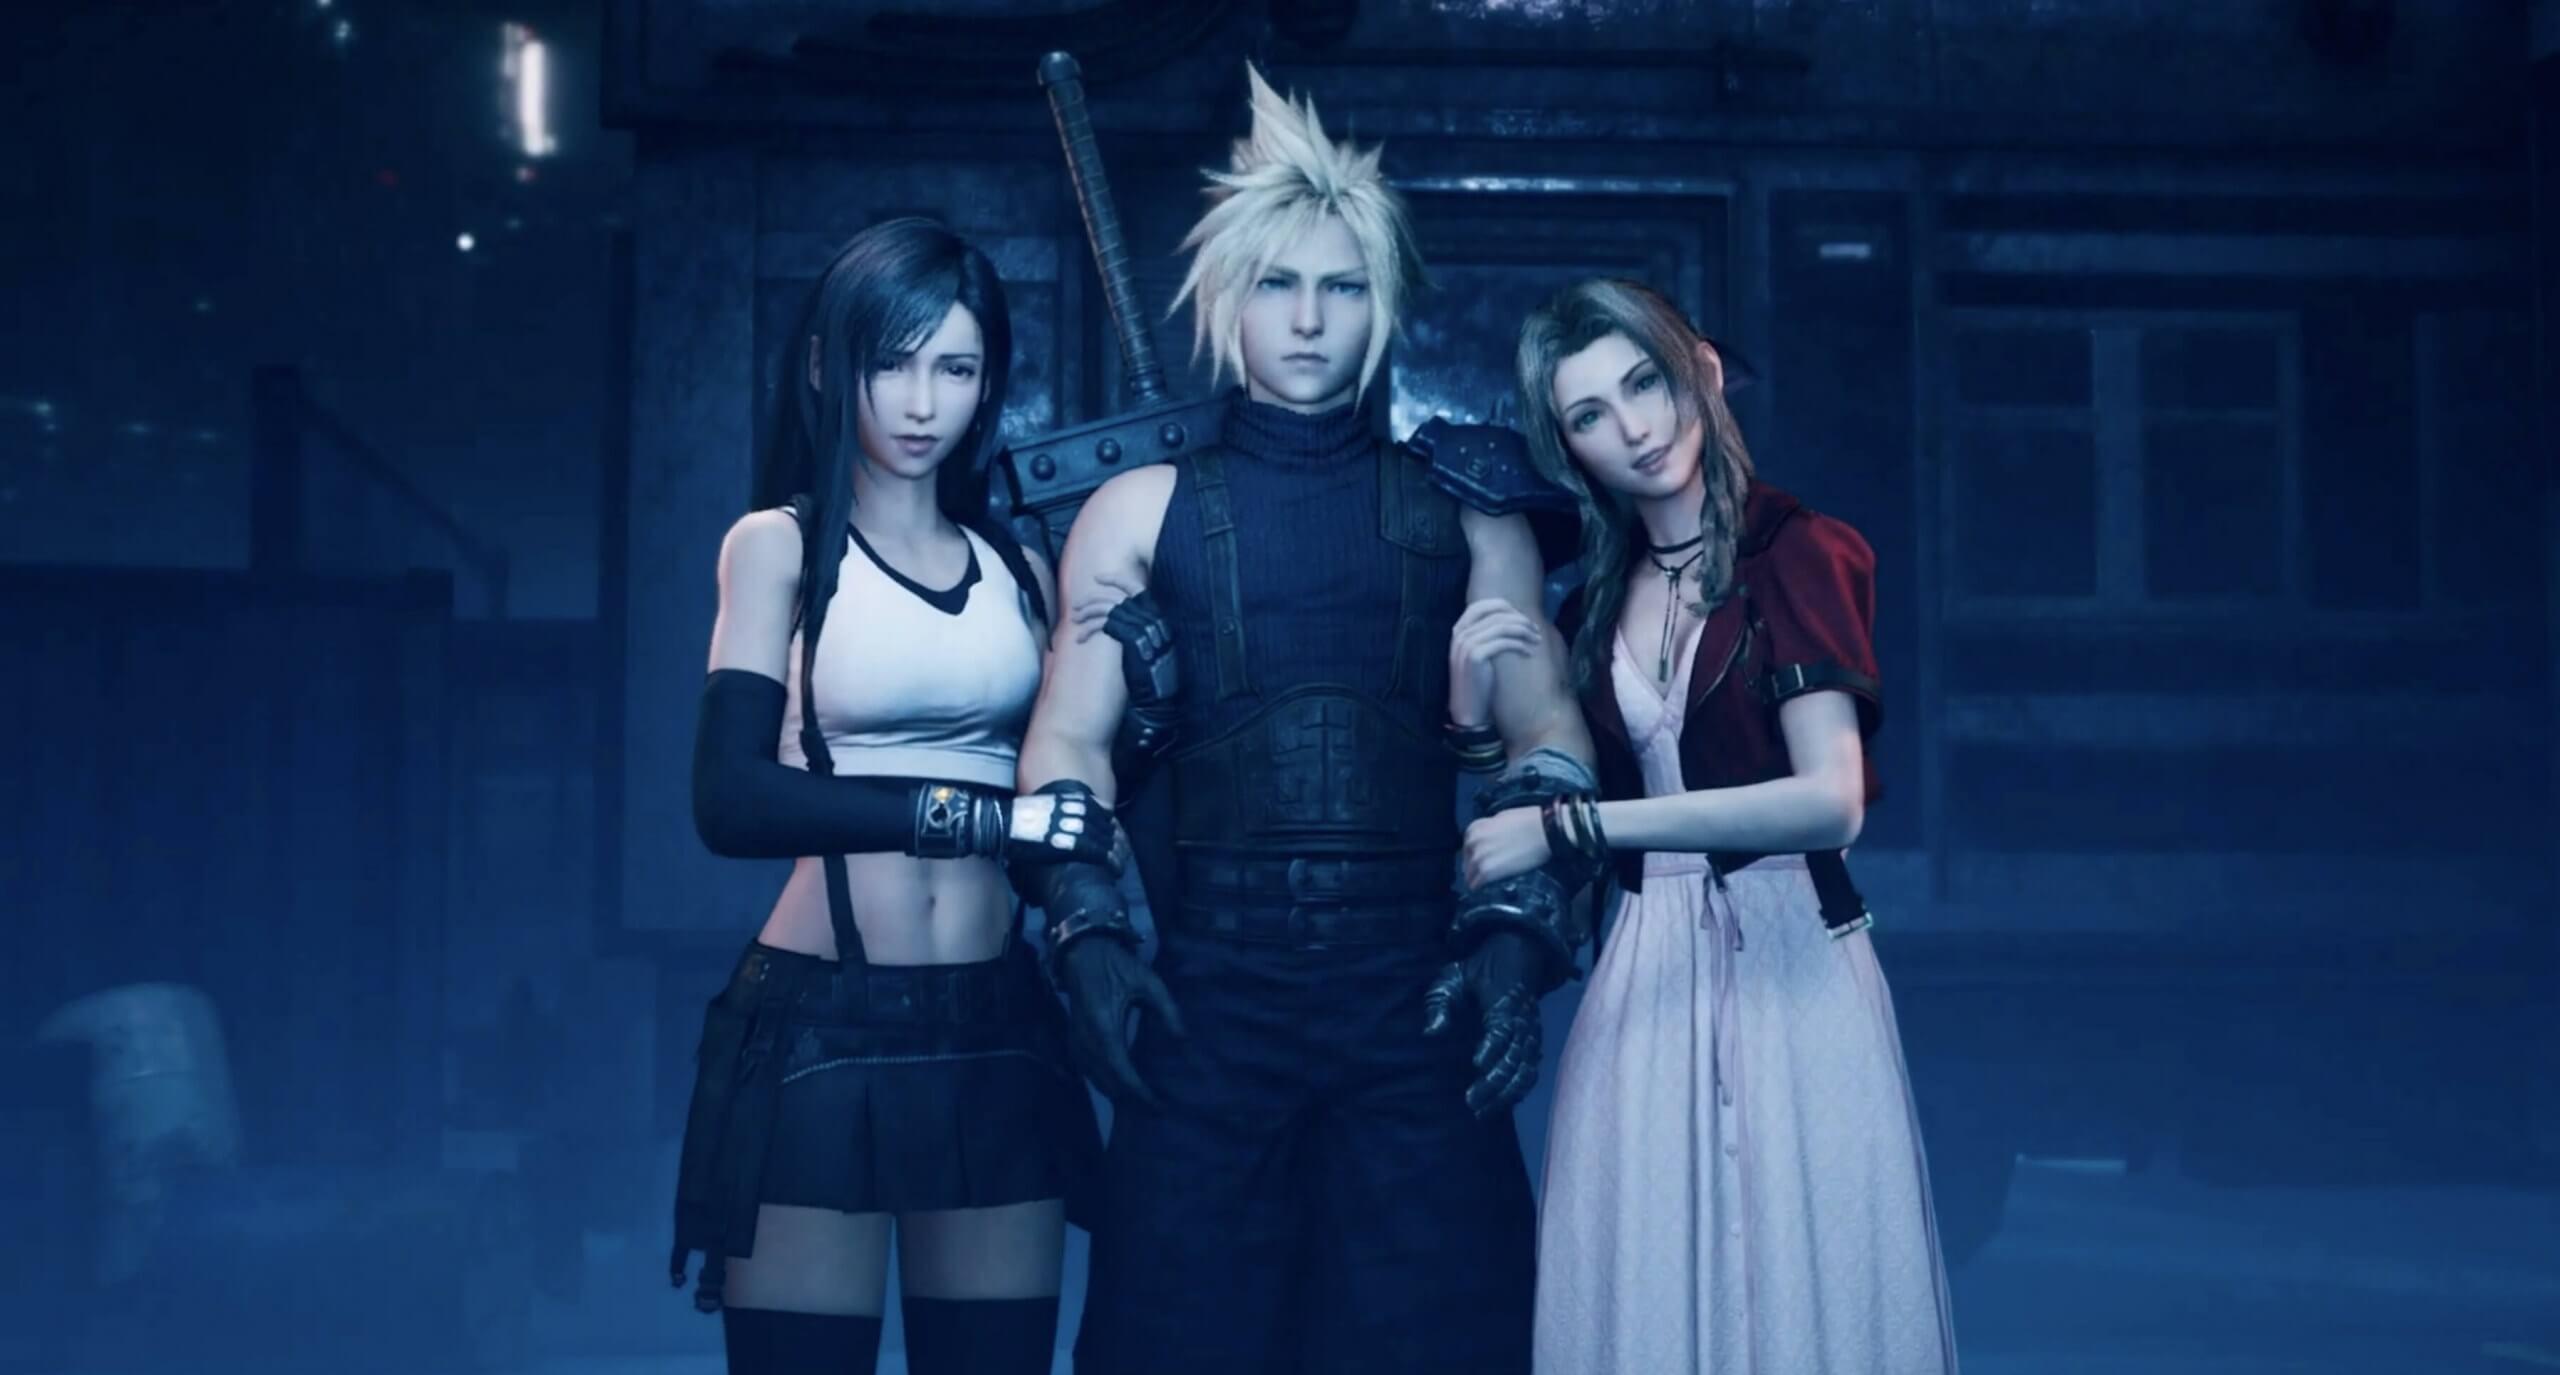 إعادة تصميم Final Fantasy VII Hub 1